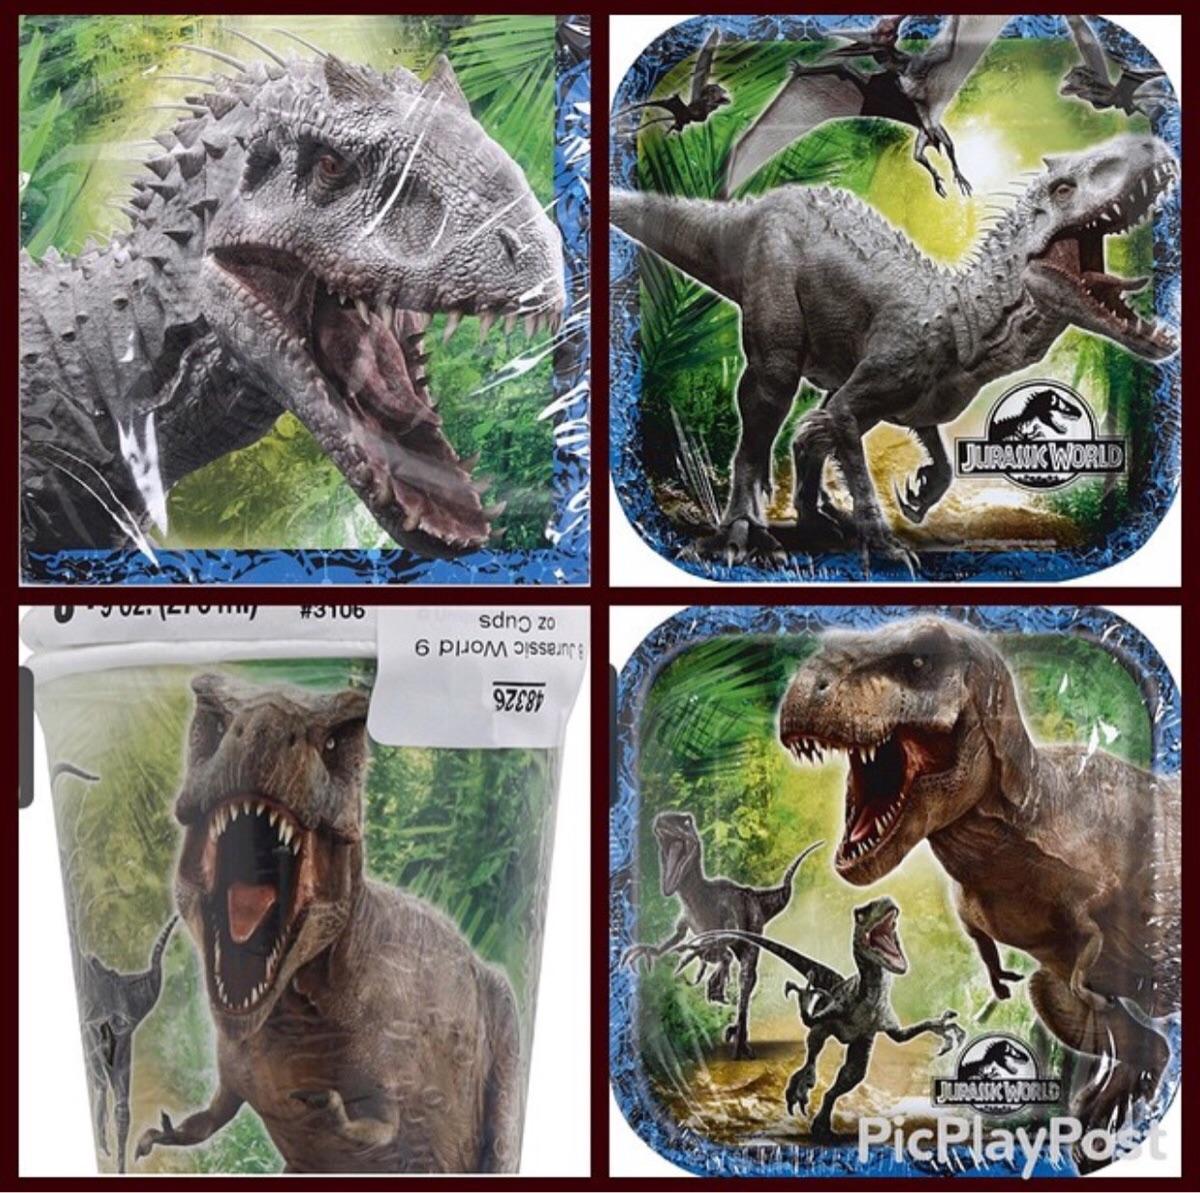 《侏罗纪世界》由Colin Trevorrow导演,预计在2015年6月12日上映,高清的预告片已被放出。近日,一张宣传画曝光,在其中,我们终于可以看到影片真正的主角,基因改造版雷克斯的最终形象。  图片上还有其他种类的恐龙,包括迅猛龙、翼手龙、T-REX(雷克斯暴龙)等,不过主角是基因改造版的D-REX(又名Indominus Rex),图片一分为四,上面的两张是D-REX,下面的两张是T-REX。 通过对比我们发现,D-REX的前肢非常有力,不像T-REX前肢那样只是摆设,或许D-REX身上会有迅猛龙